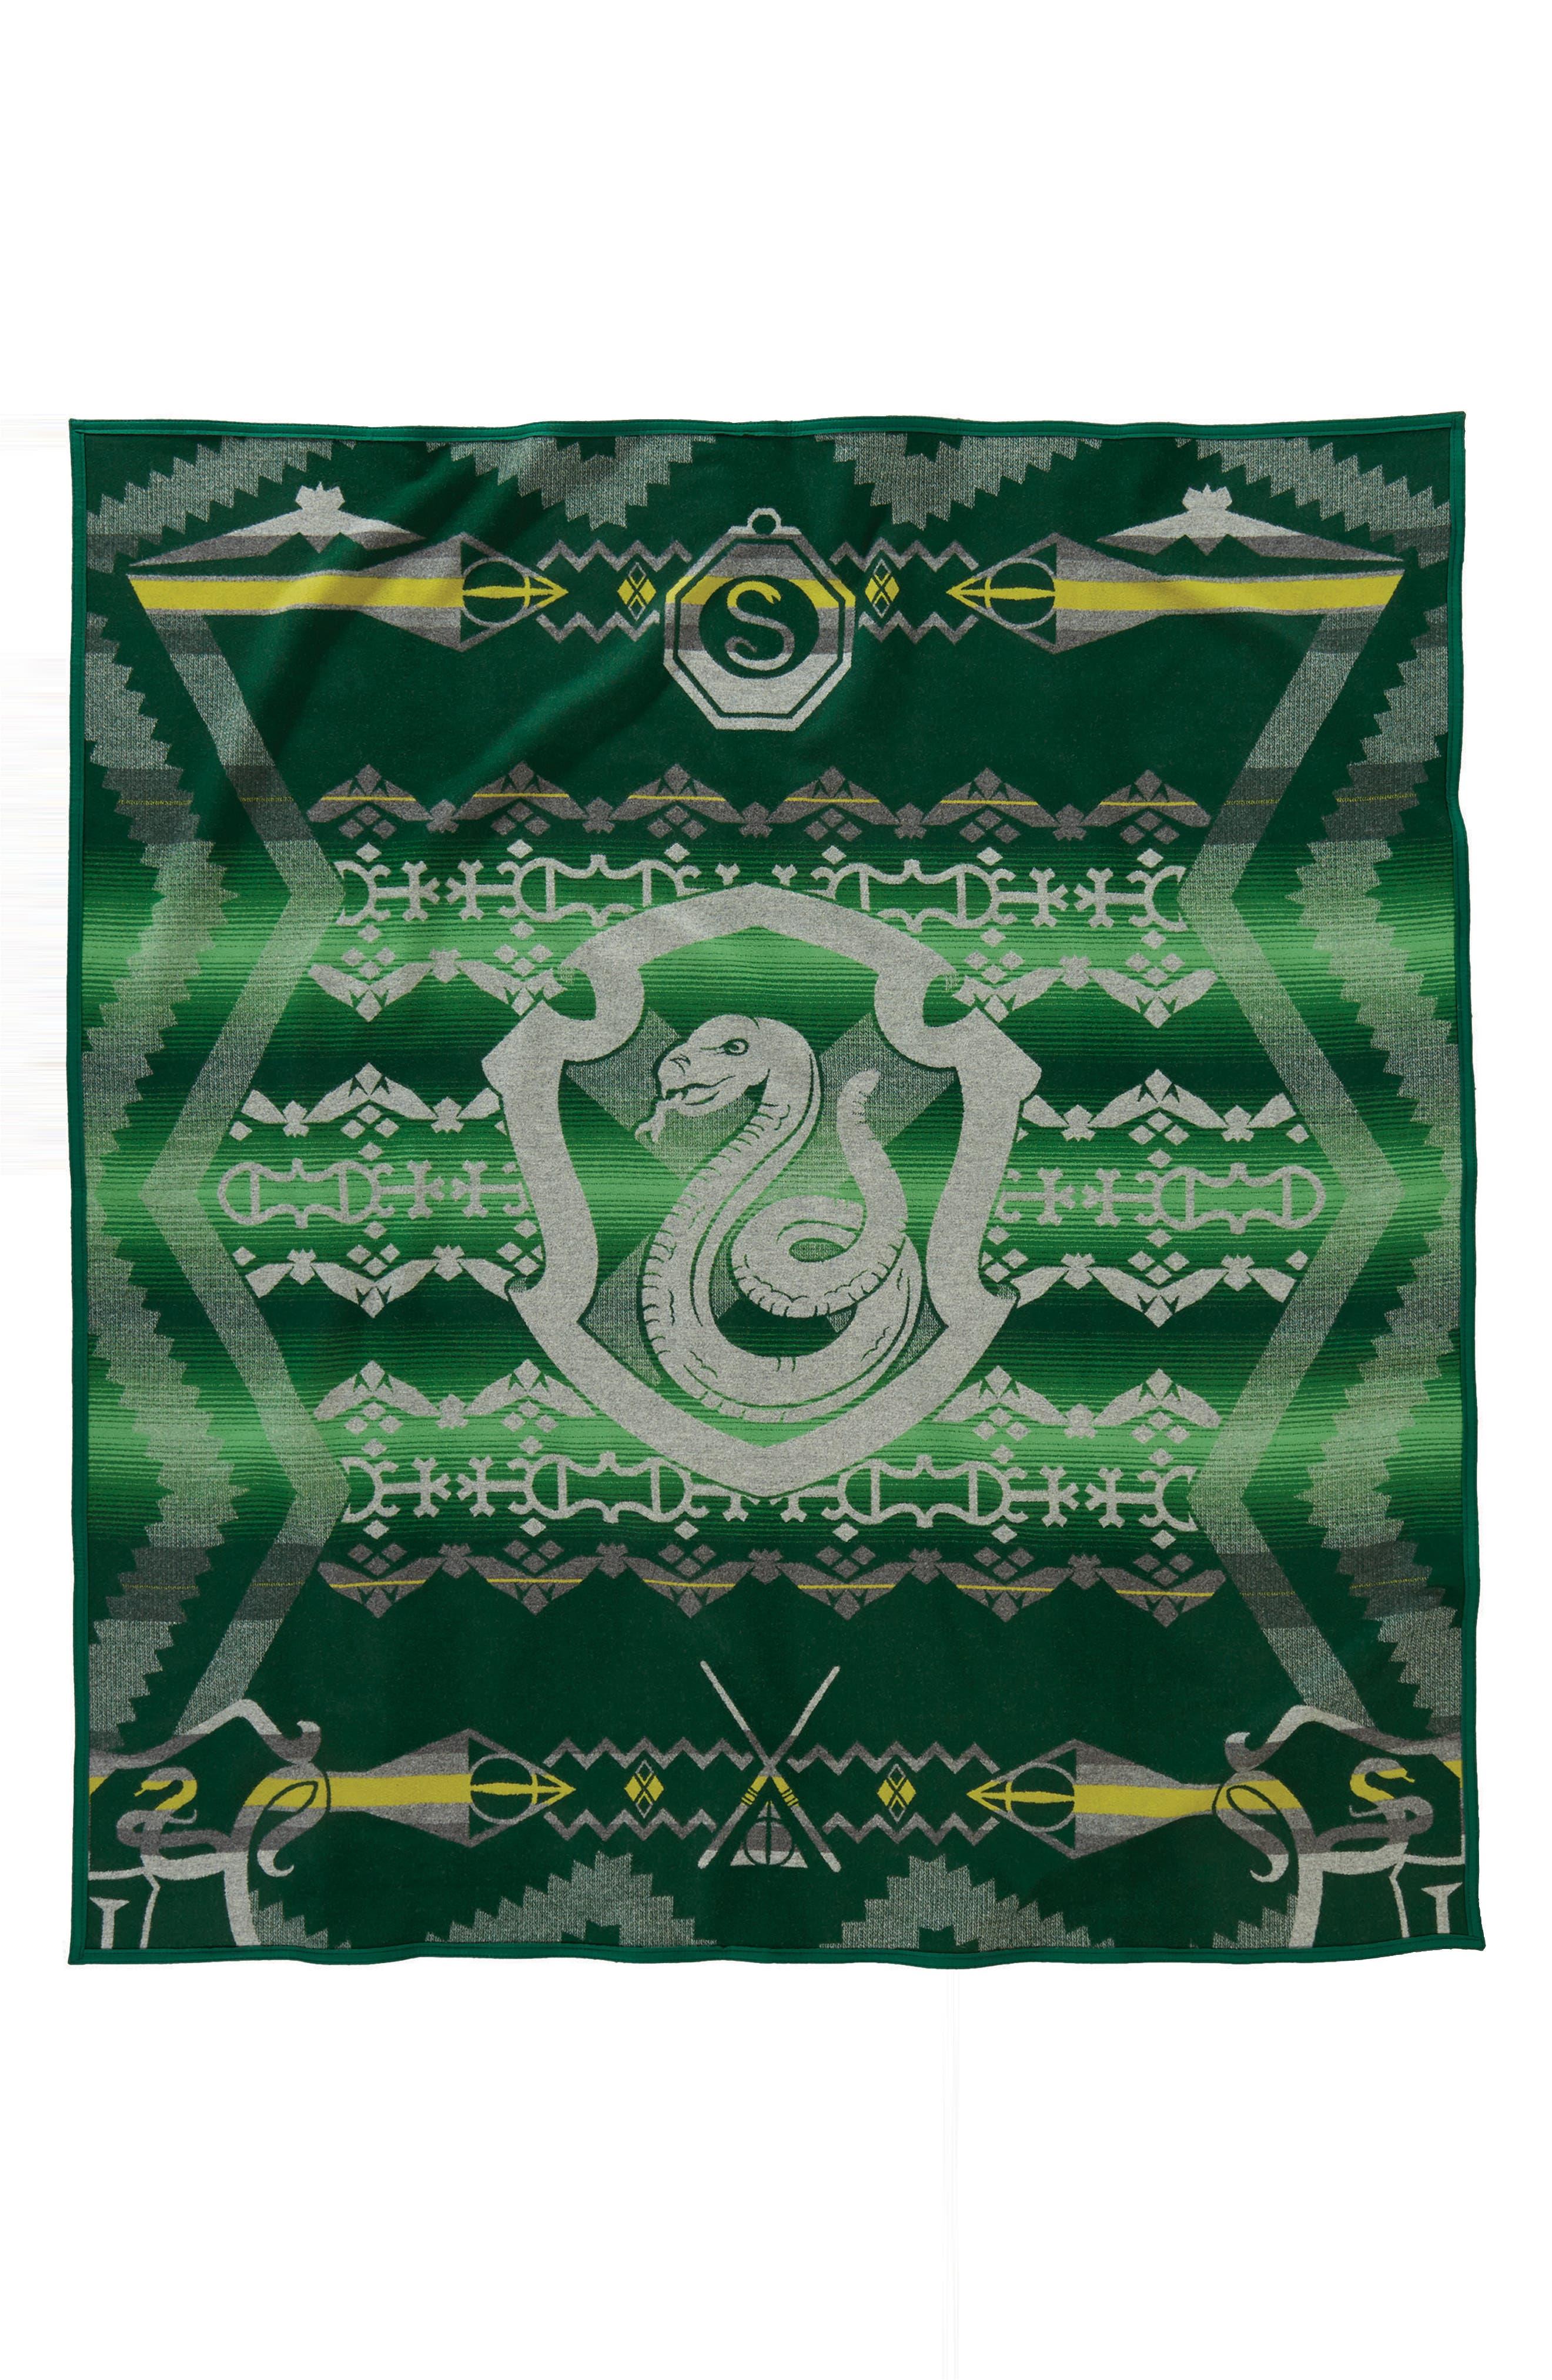 Harry Potter - Slytherin Blanket,                         Main,                         color, 300